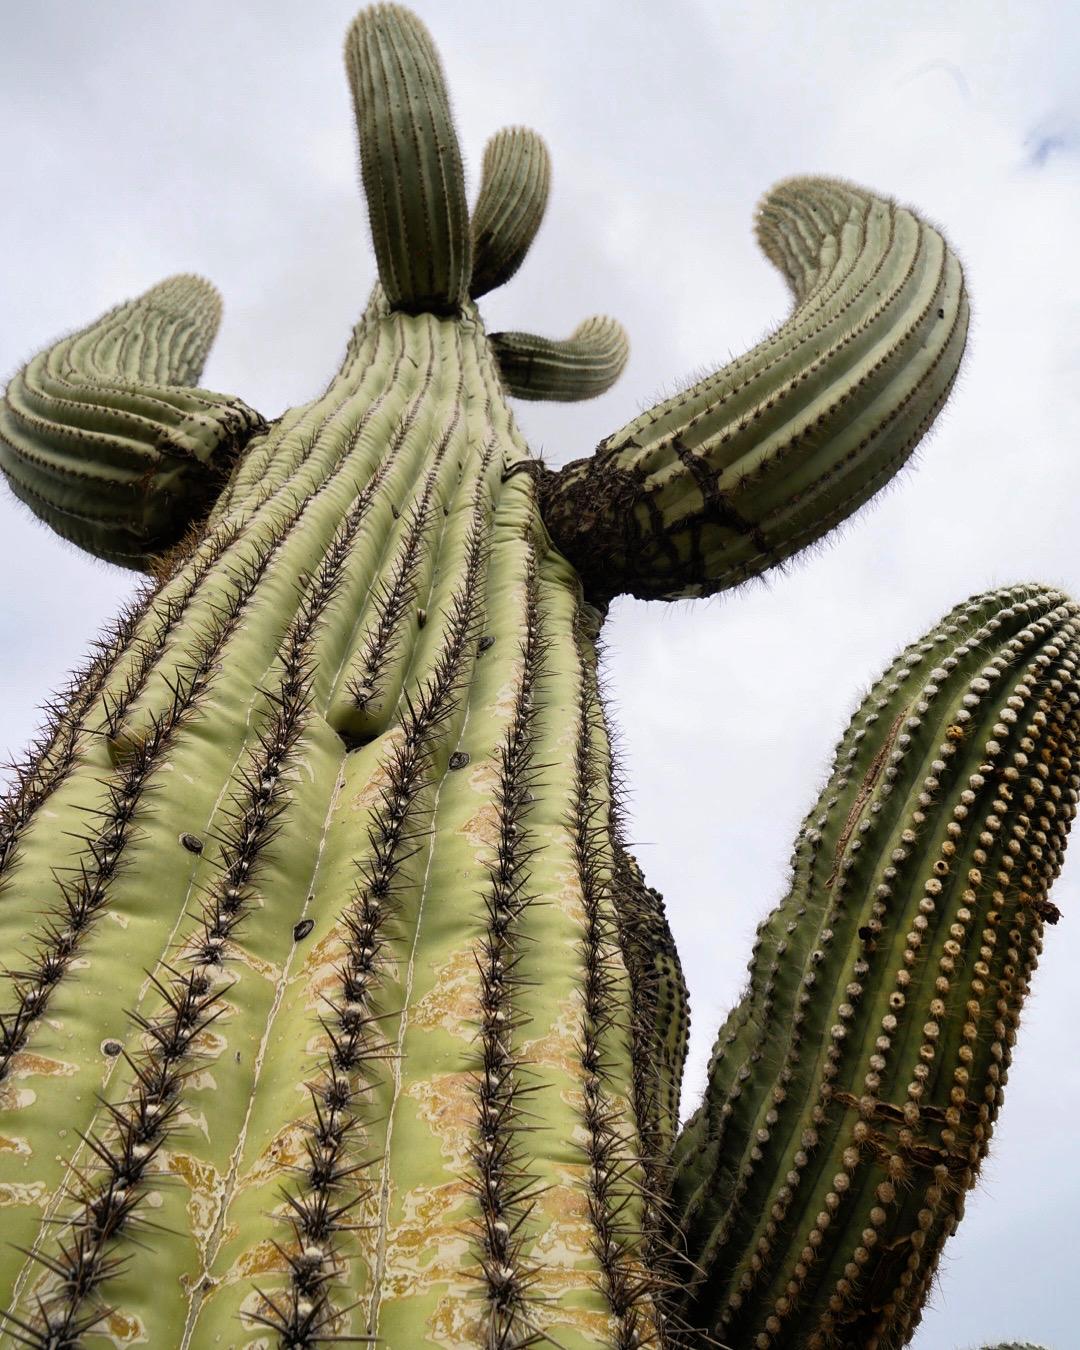 ArizonaOrganPipeDec2019INSTA-2